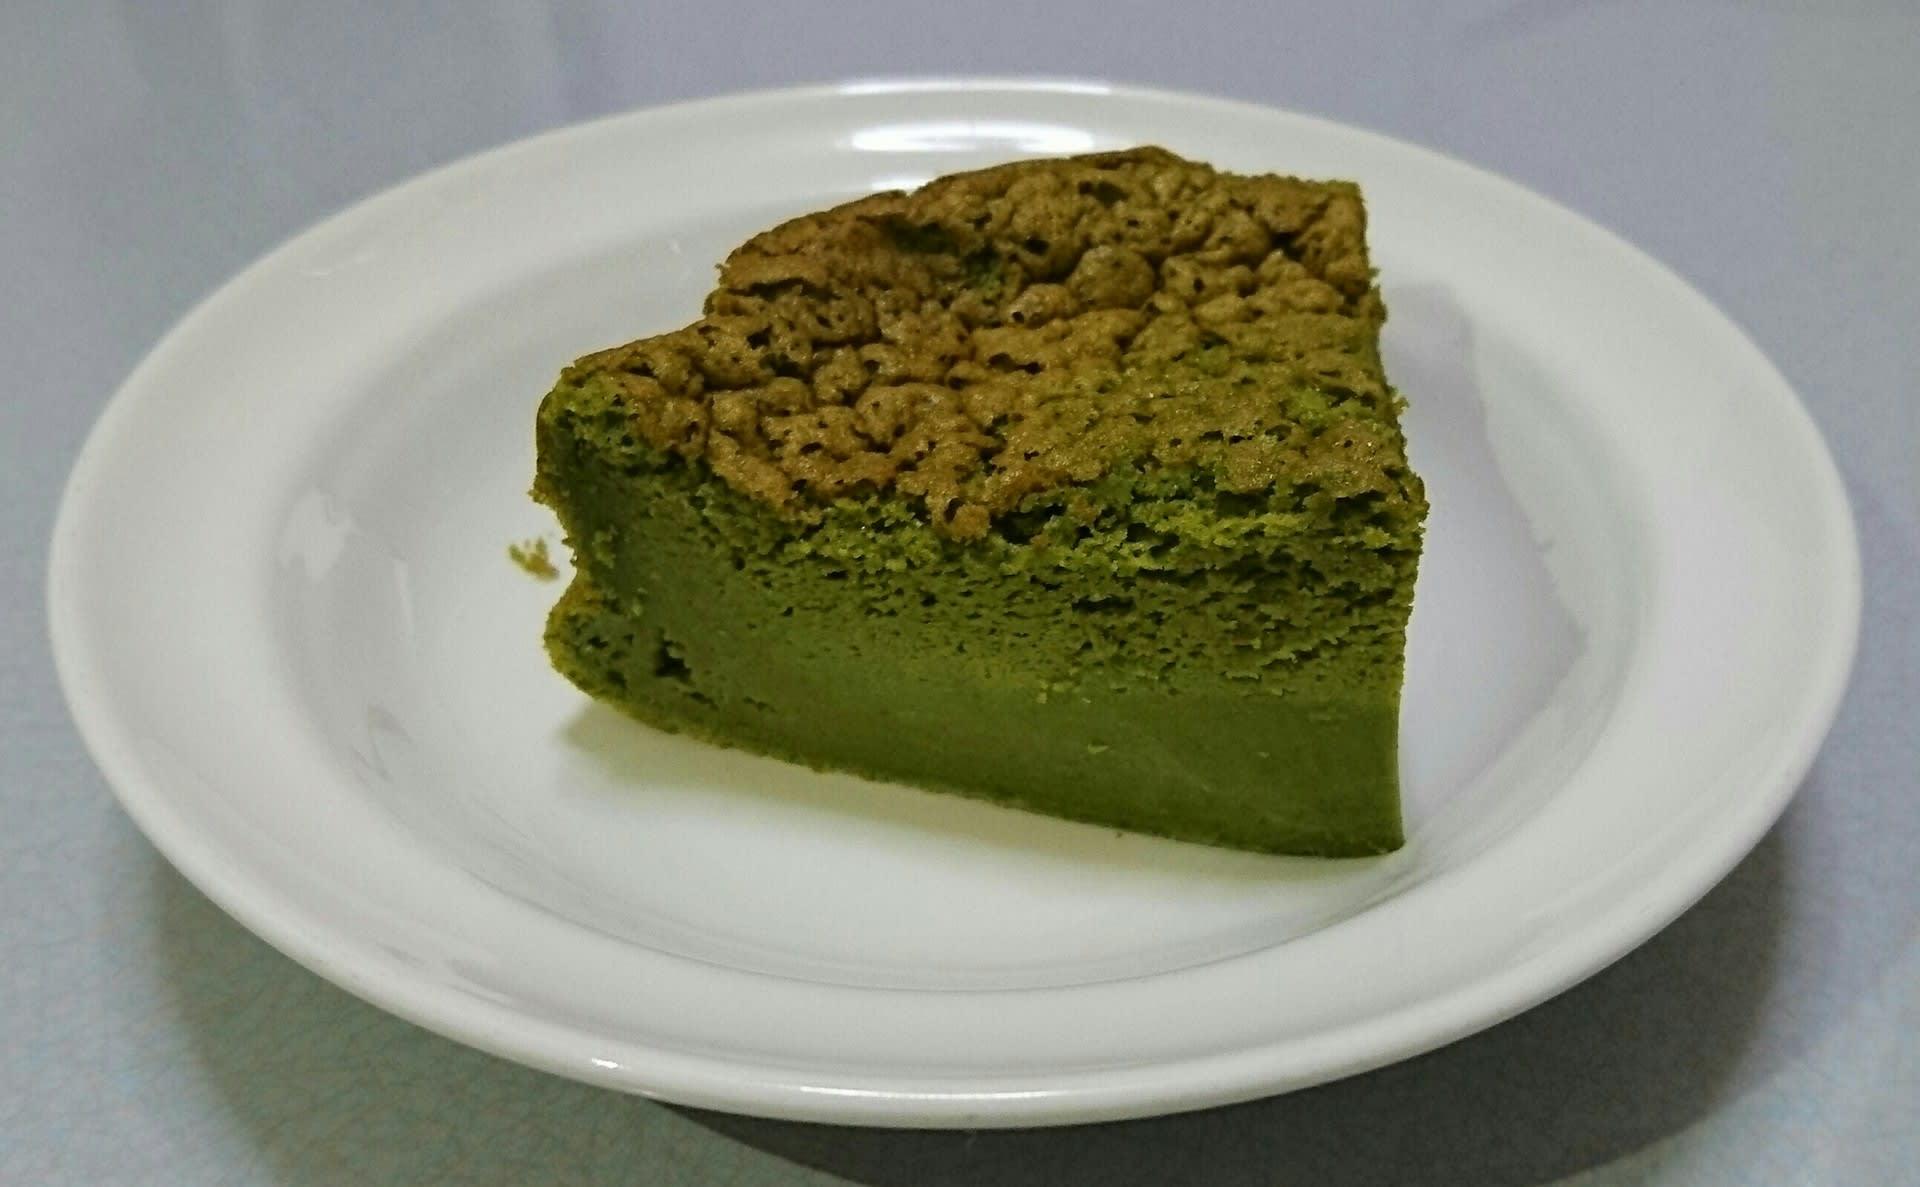 抹茶のマジックケーキ:カットしたイメージ